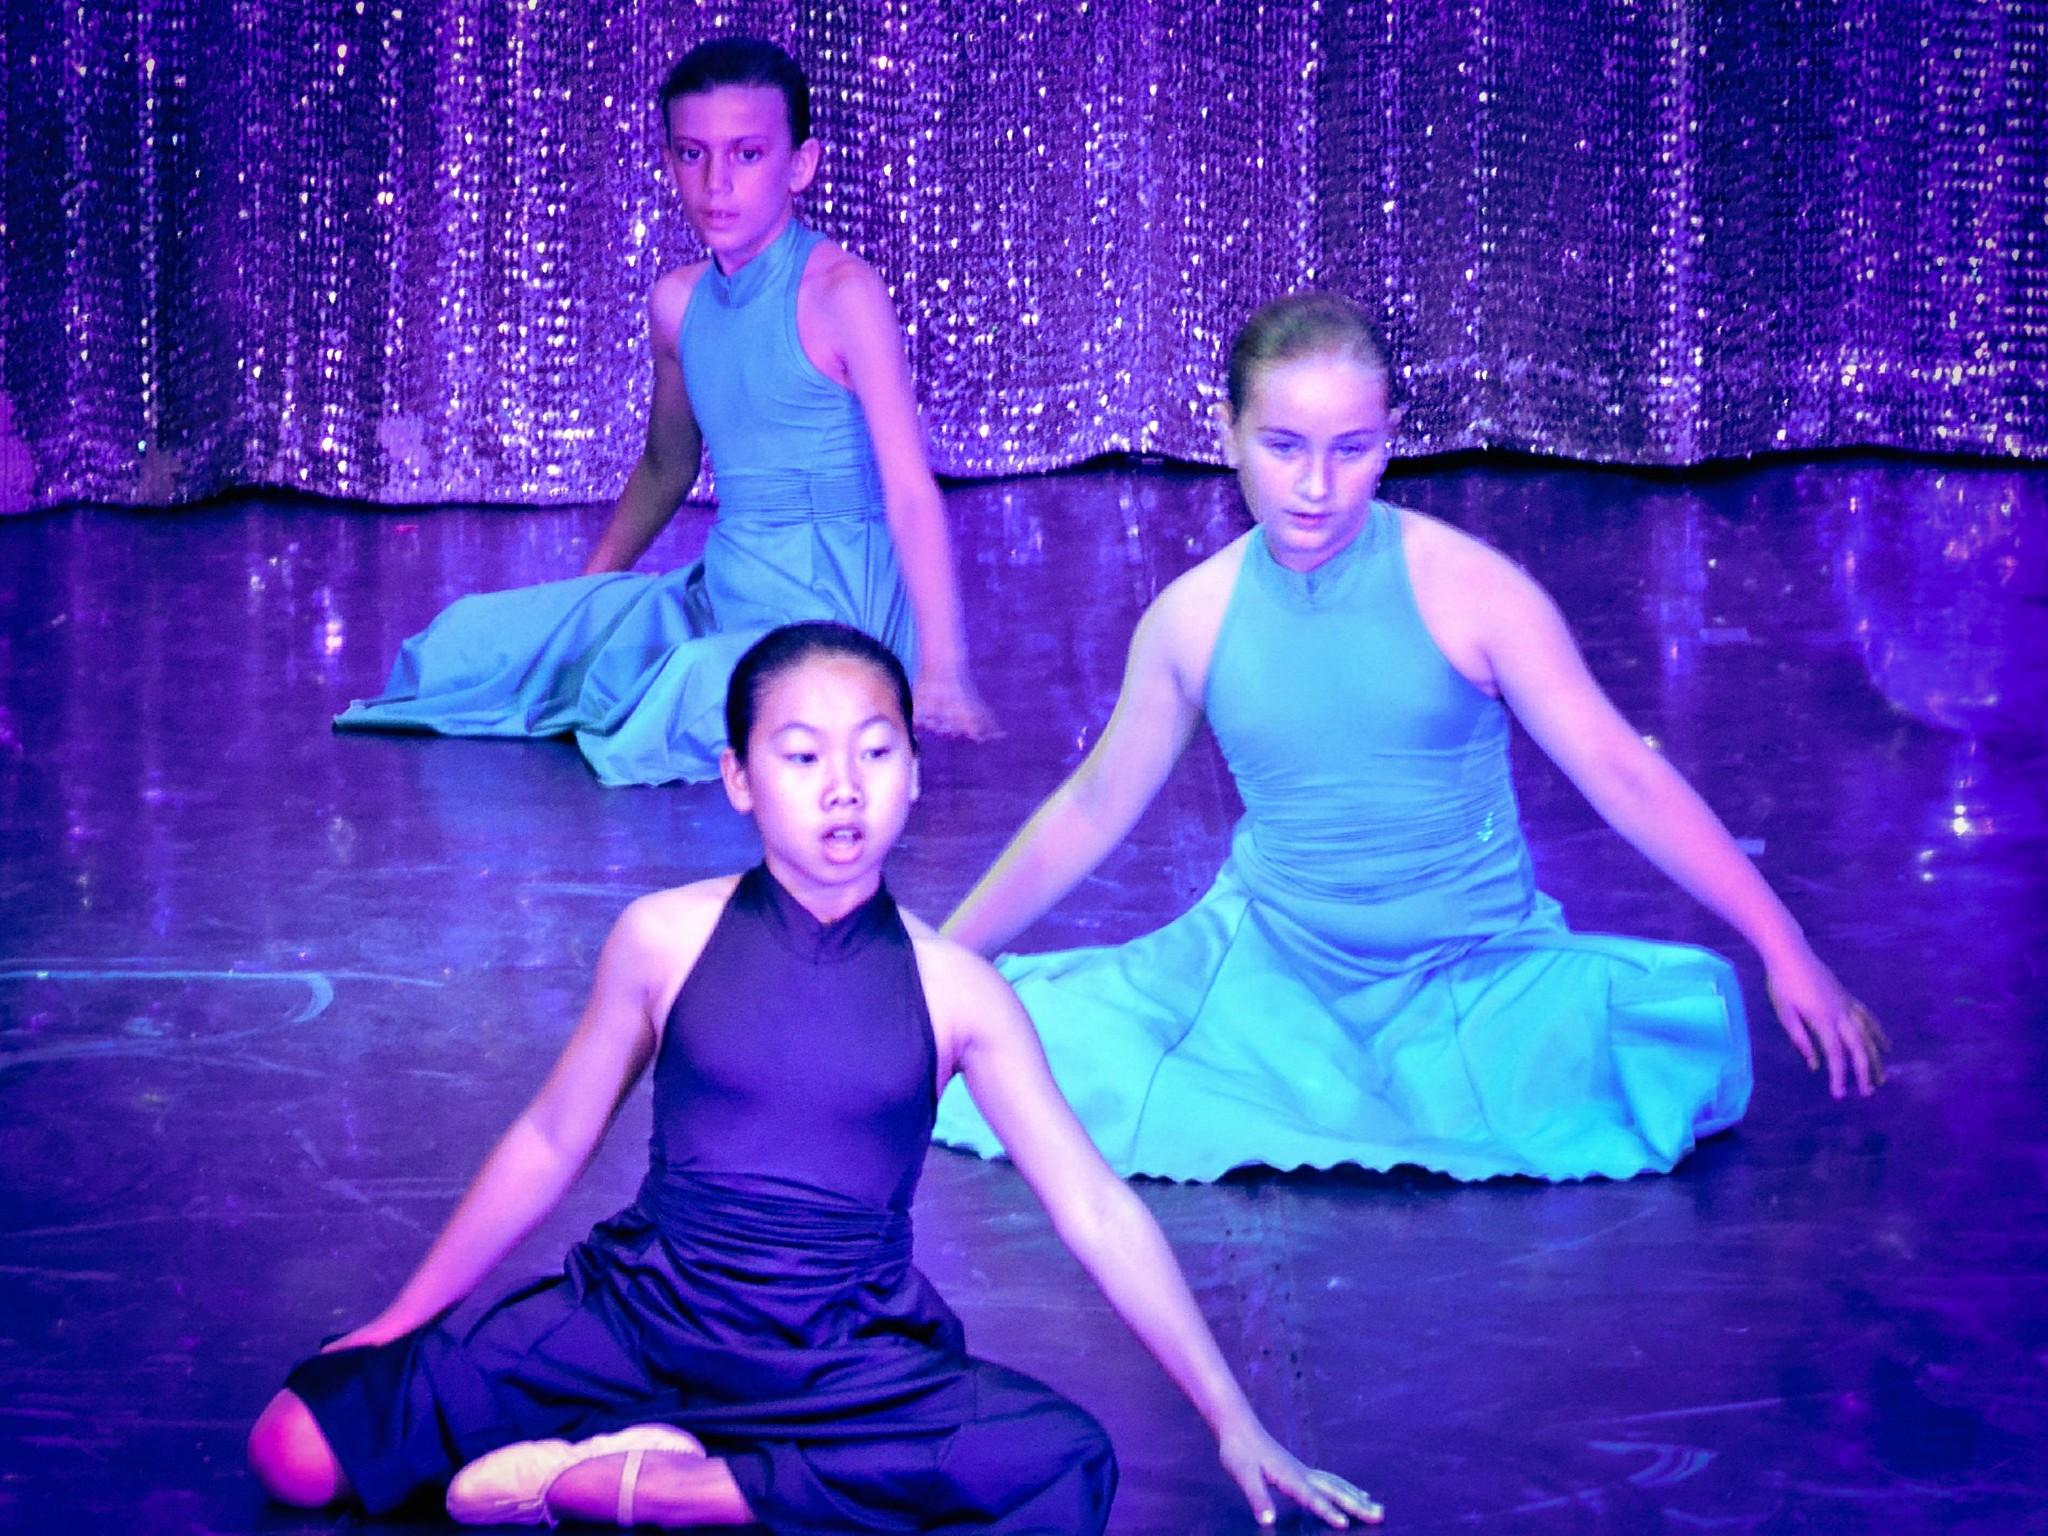 Linea-de-Baile-festival-verano-2015-clases-de-baile-valencia-96